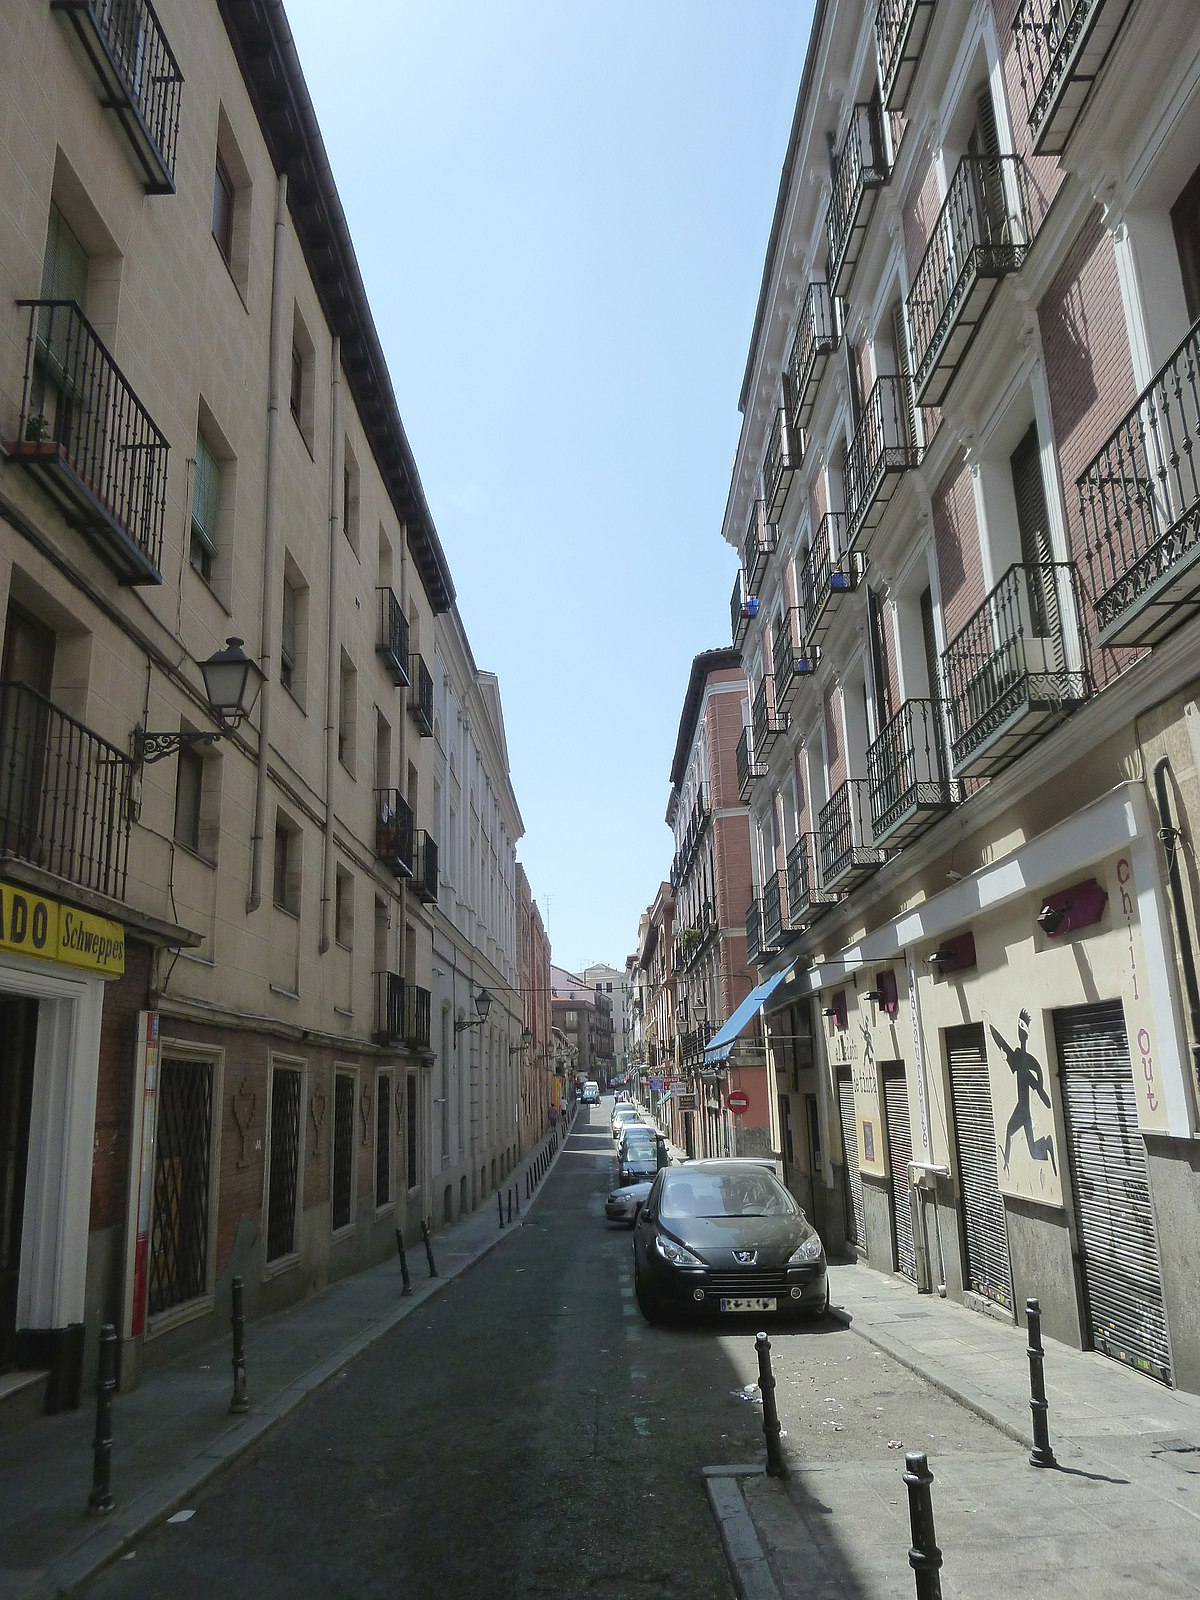 Calle del noviciado wikipedia la enciclopedia libre for Calle del prado 9 madrid espana